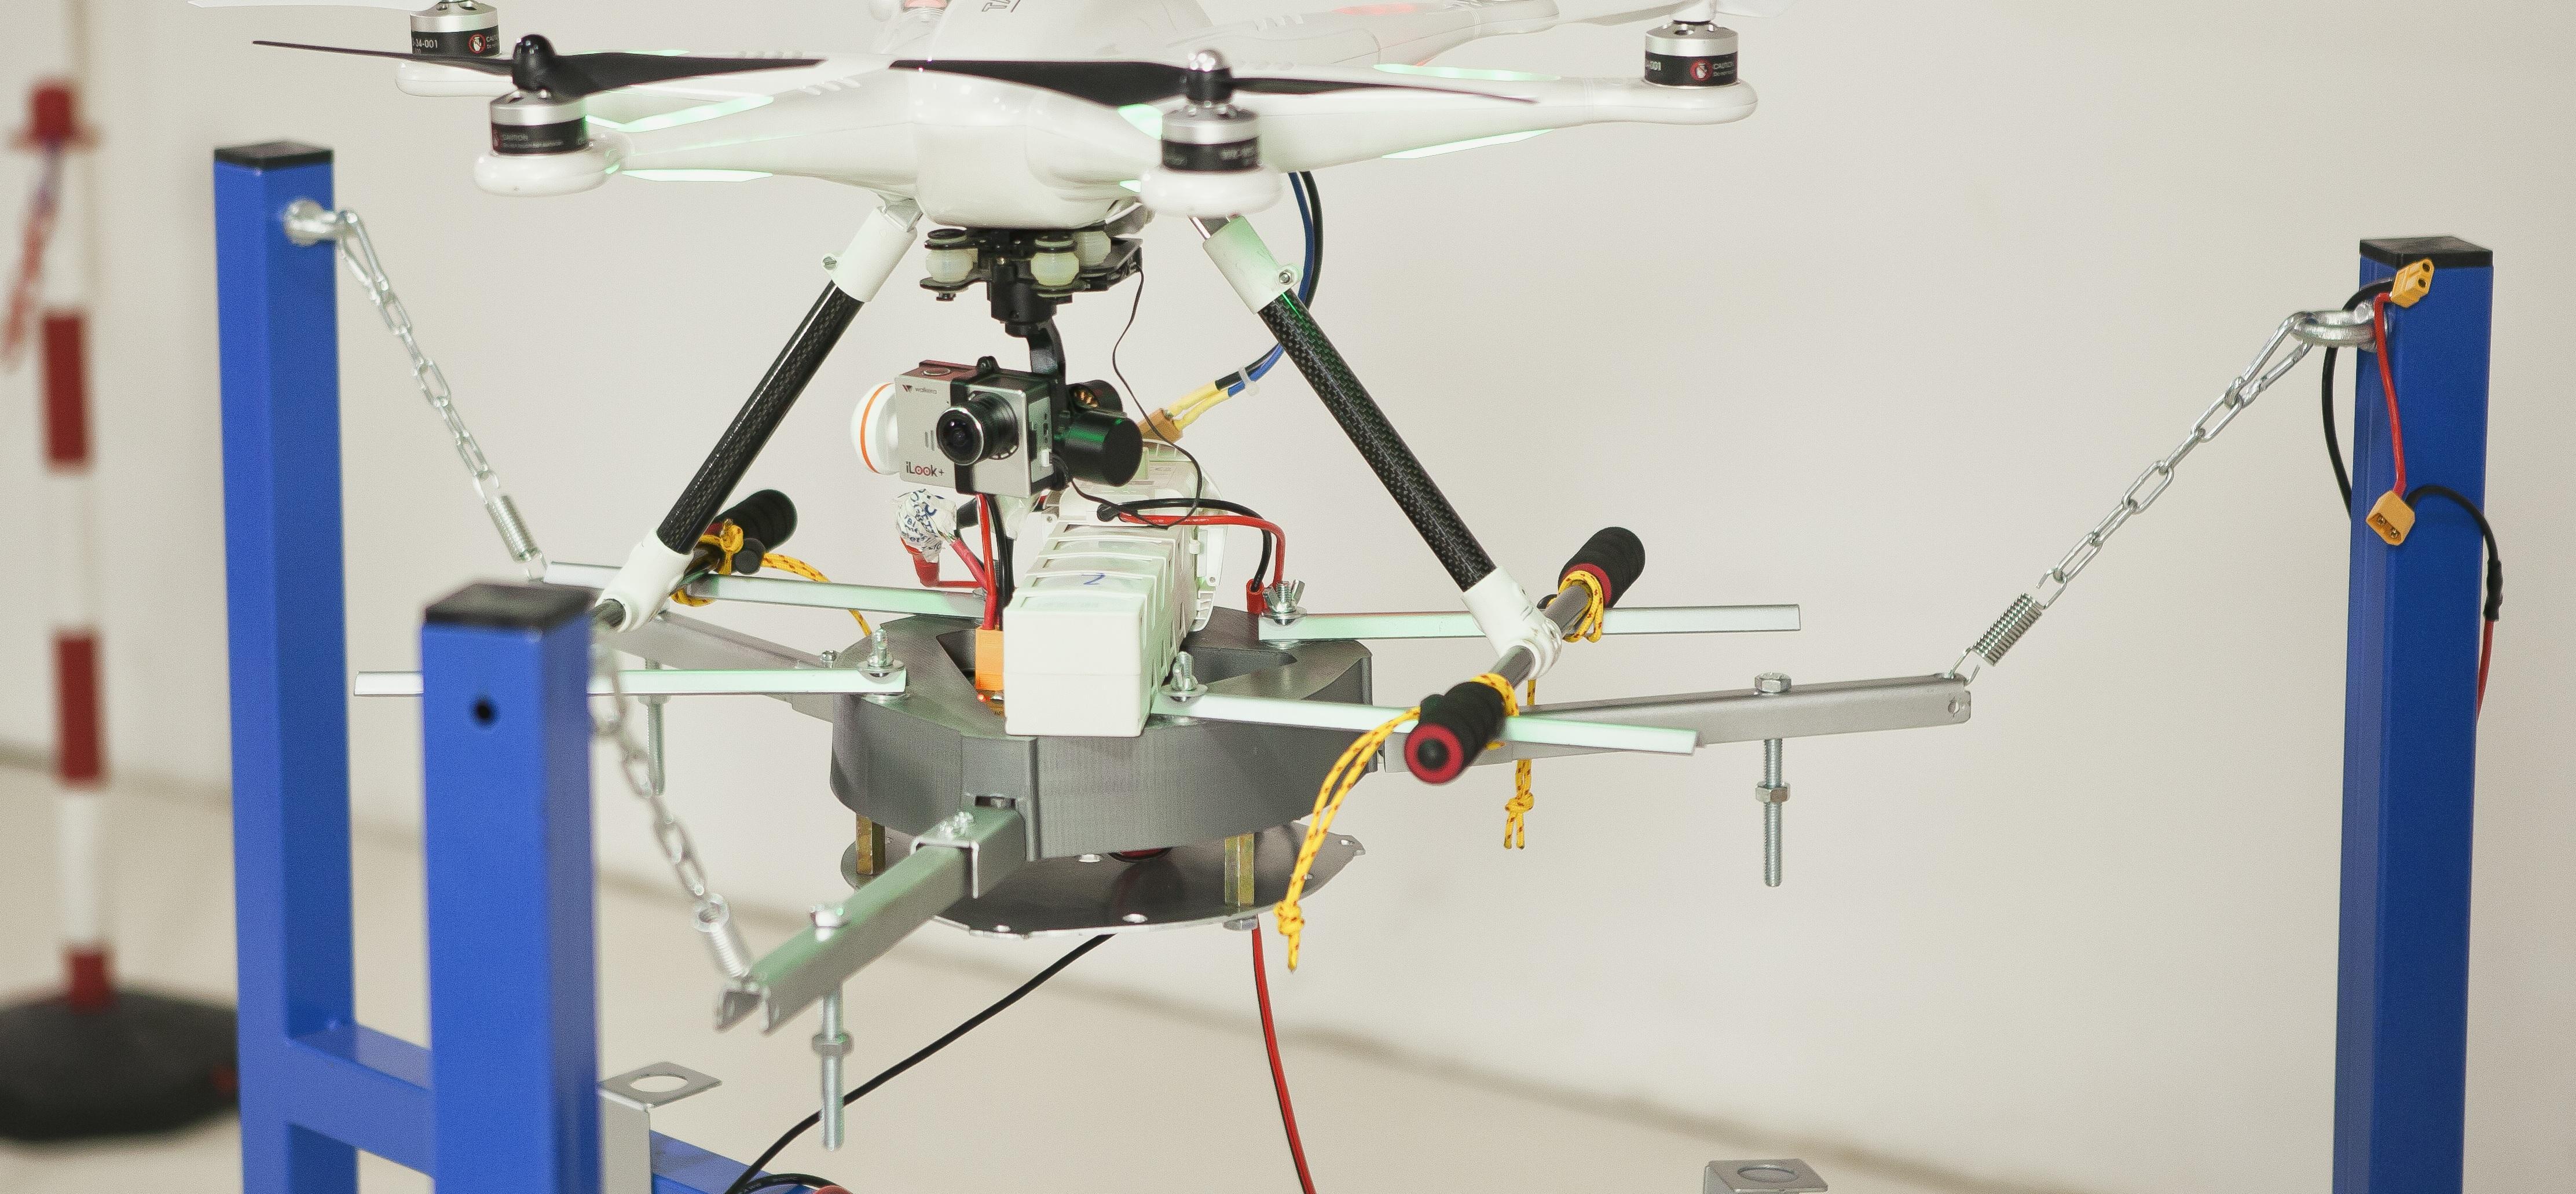 Costruisci uno strumento per la misura, l'analisi e la certificazione dei droni